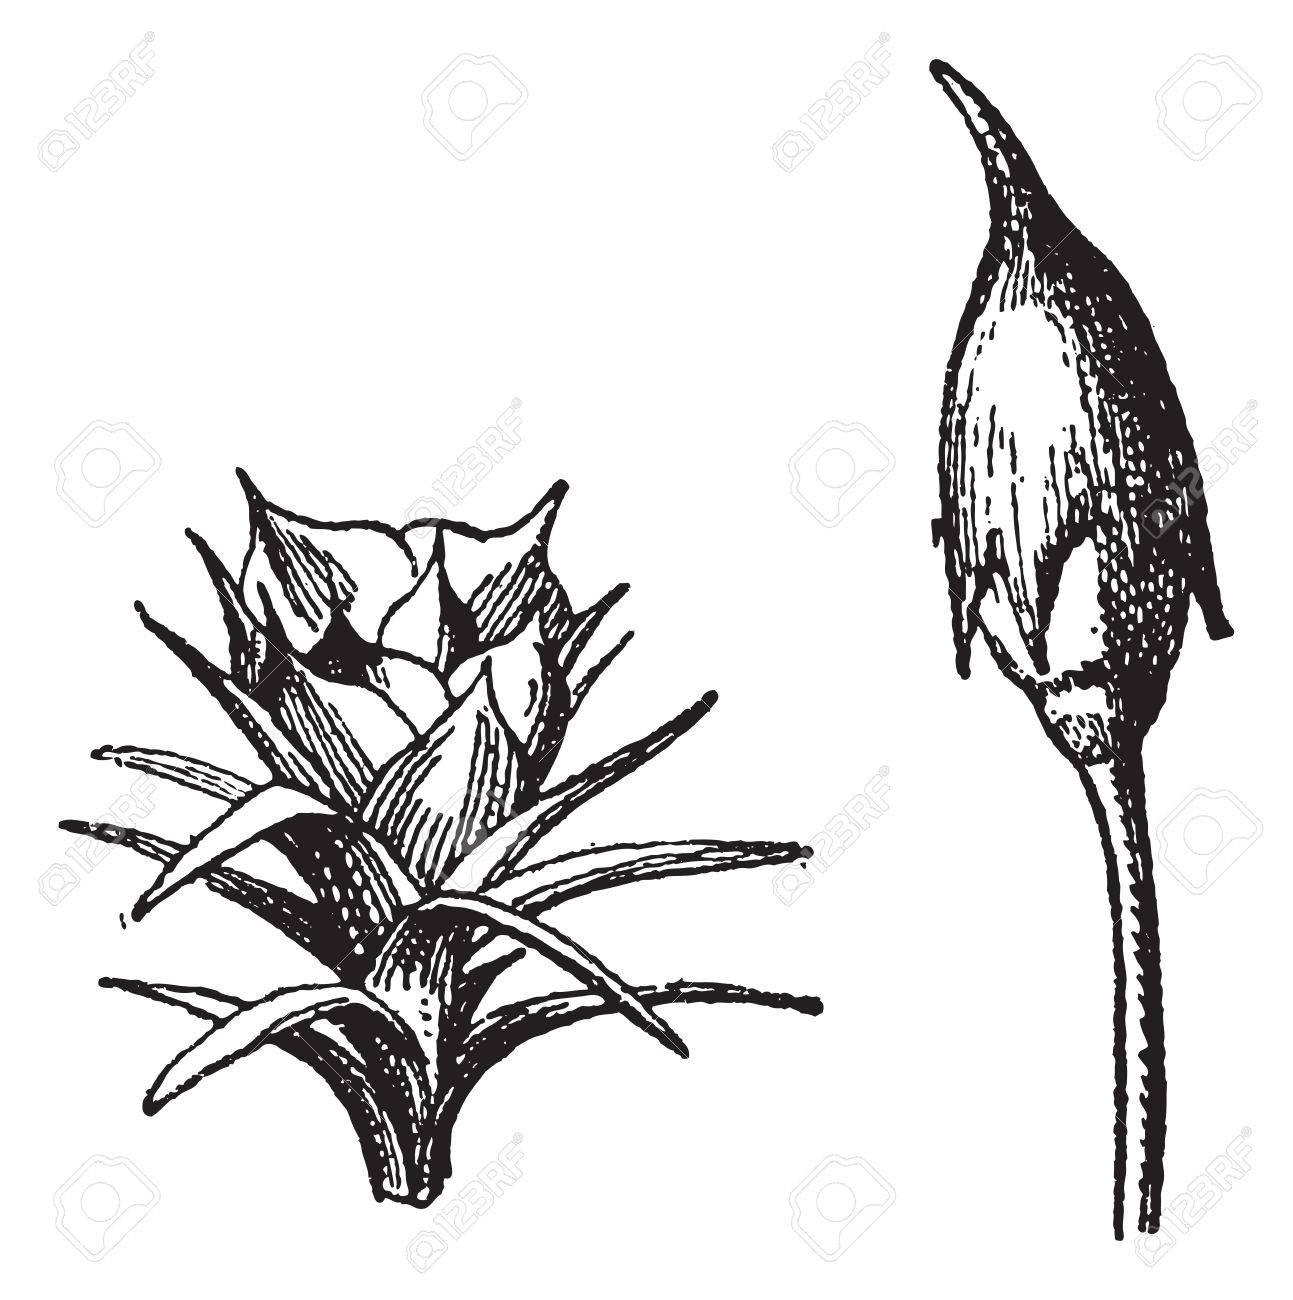 1293x1300 Male Flower. Female Flower. Polytrichum Or Haircap Moss Or Hair